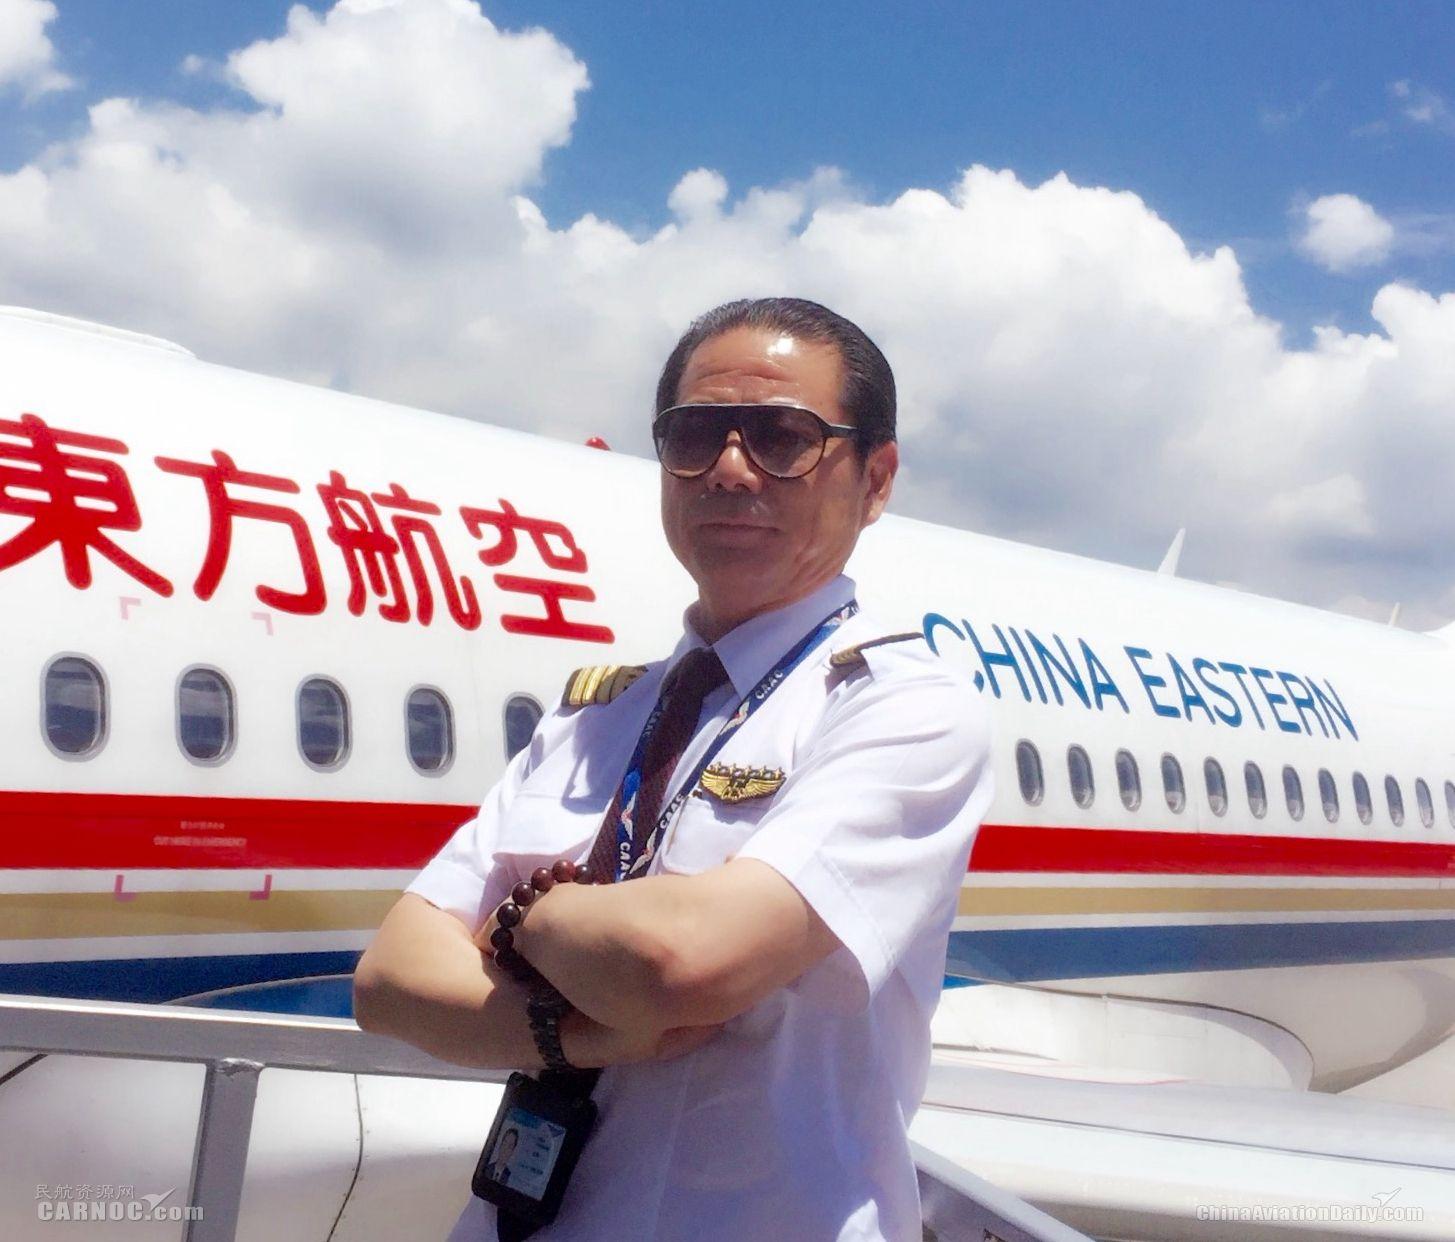 才子飞行员姬景山:我的情怀在蓝天